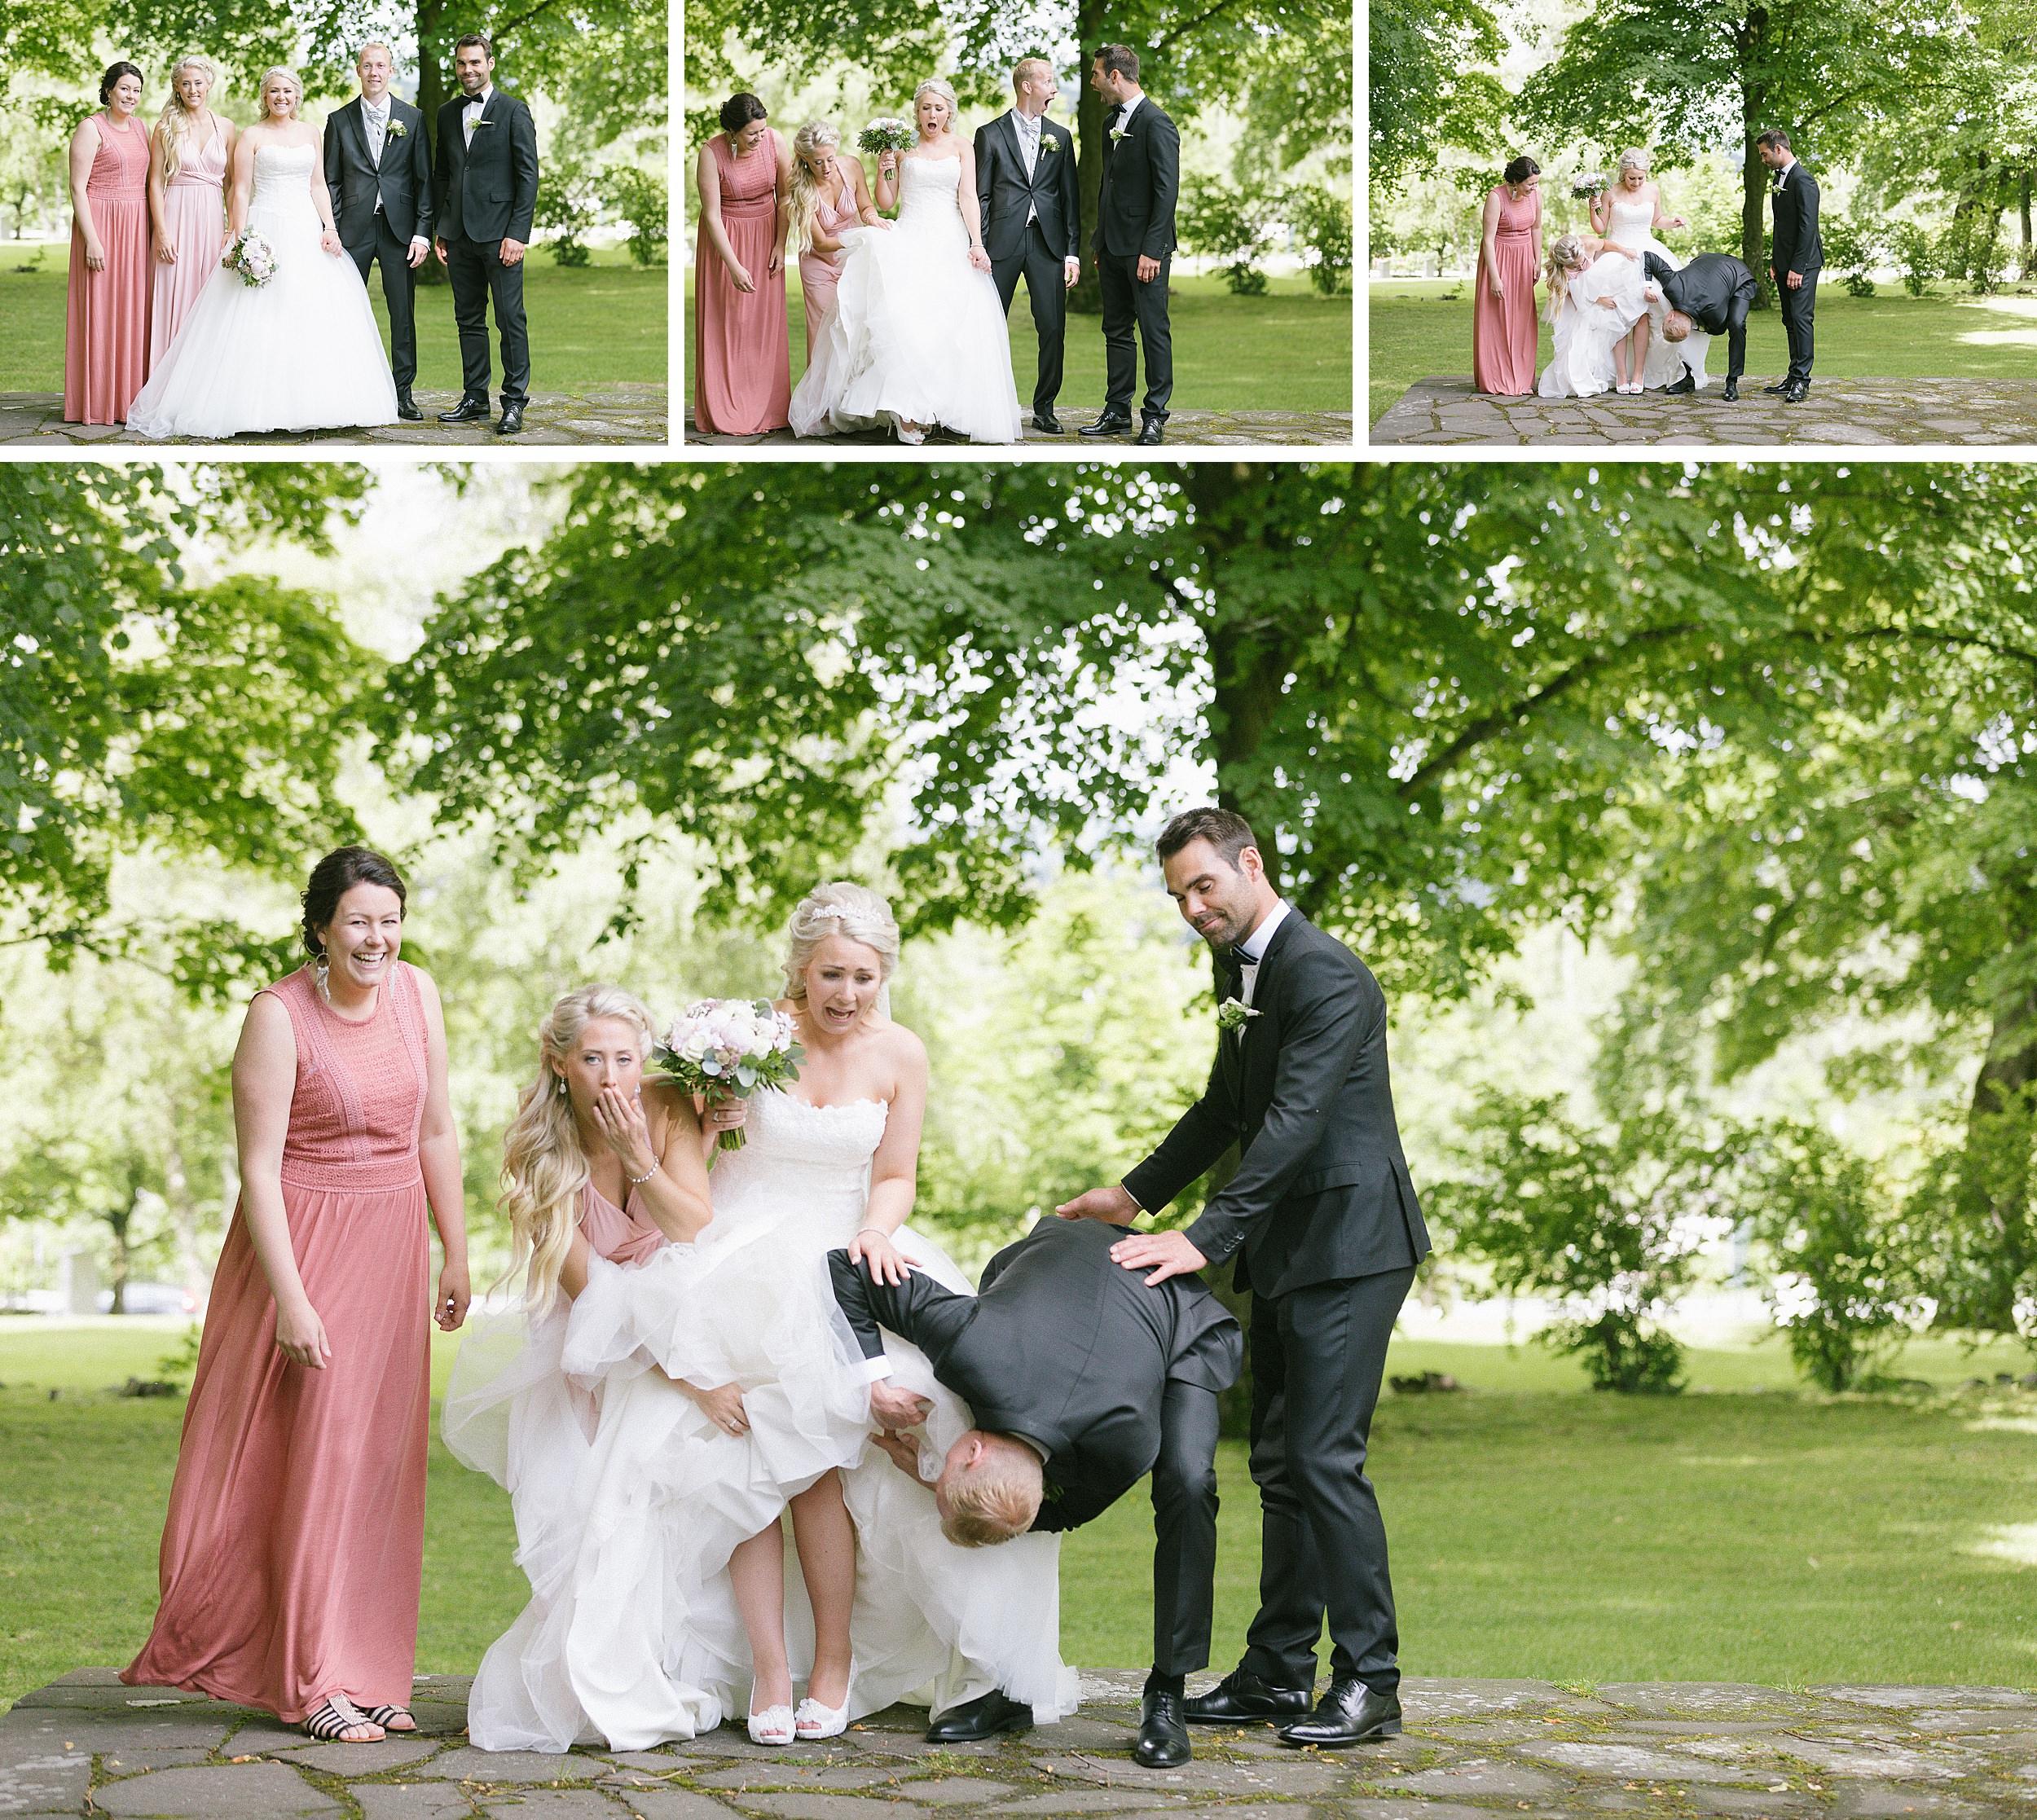 Heldags-bryllupsfoto-june-thomas_0035.jpg